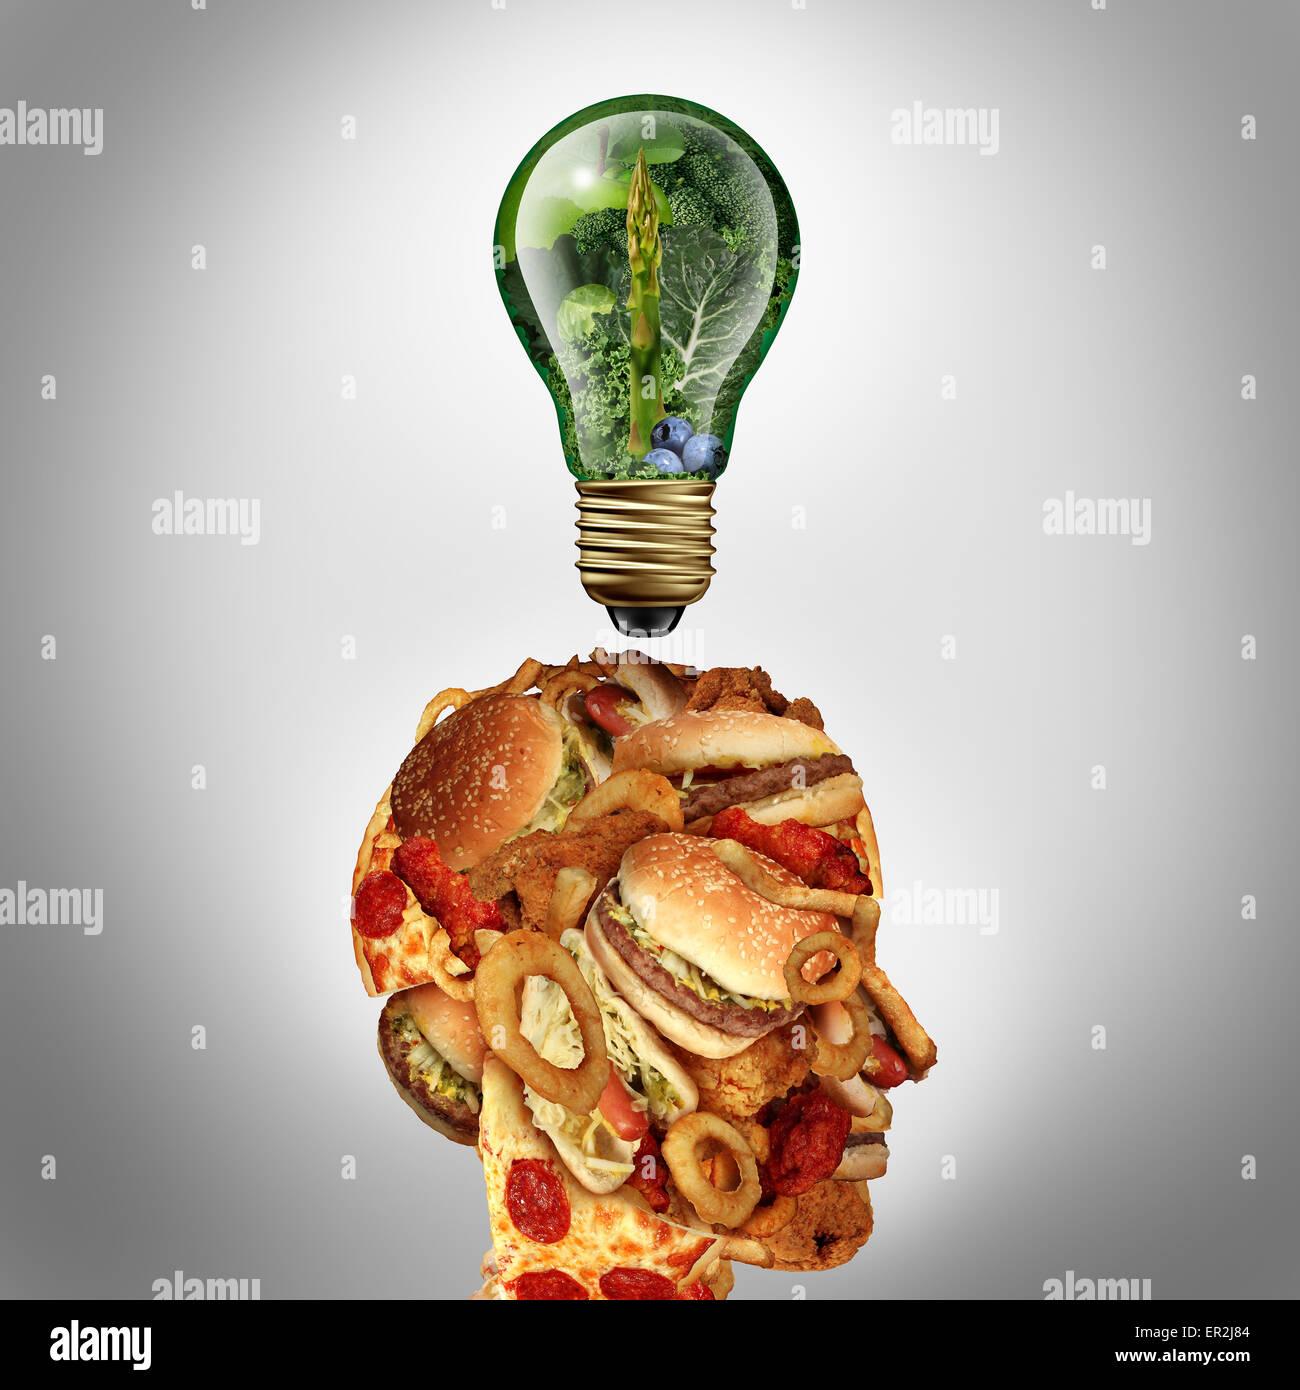 La dieta di motivazione e di ispirazione dieta concetto come una testa umana fatta di unto il cibo spazzatura con Immagini Stock